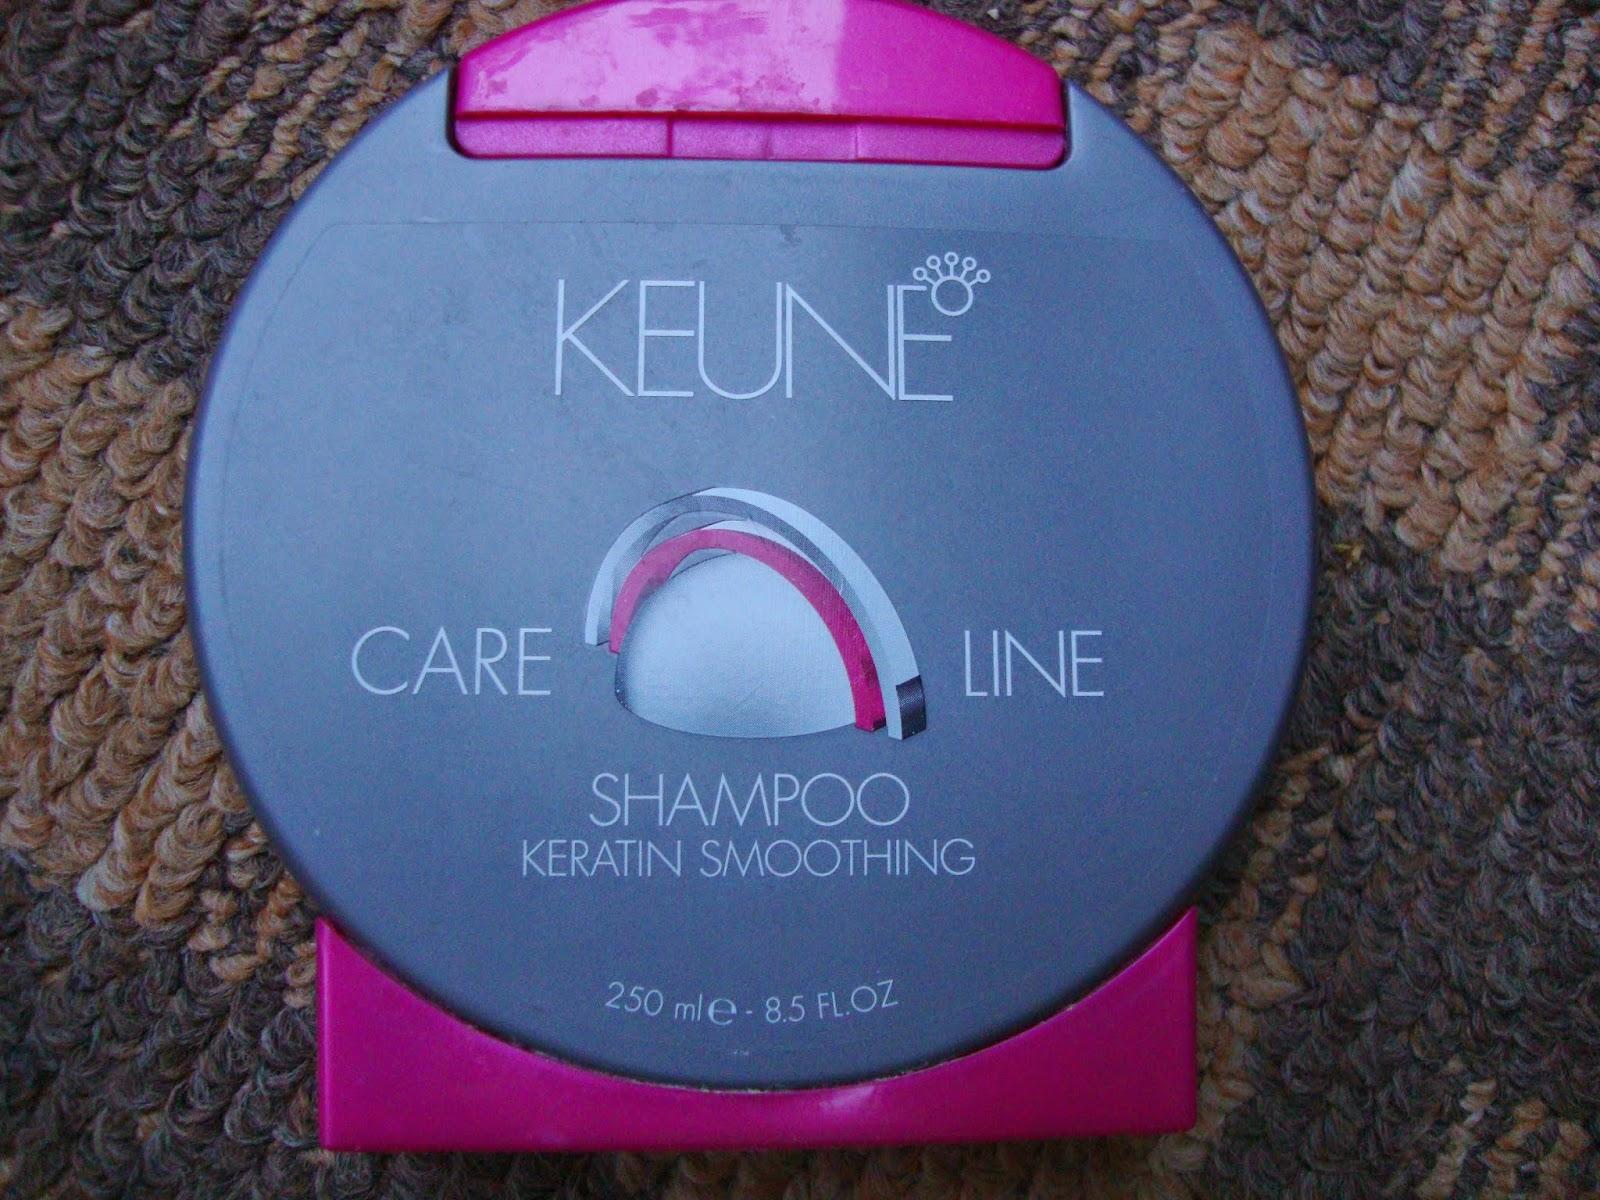 Keune Care Line Shampoo